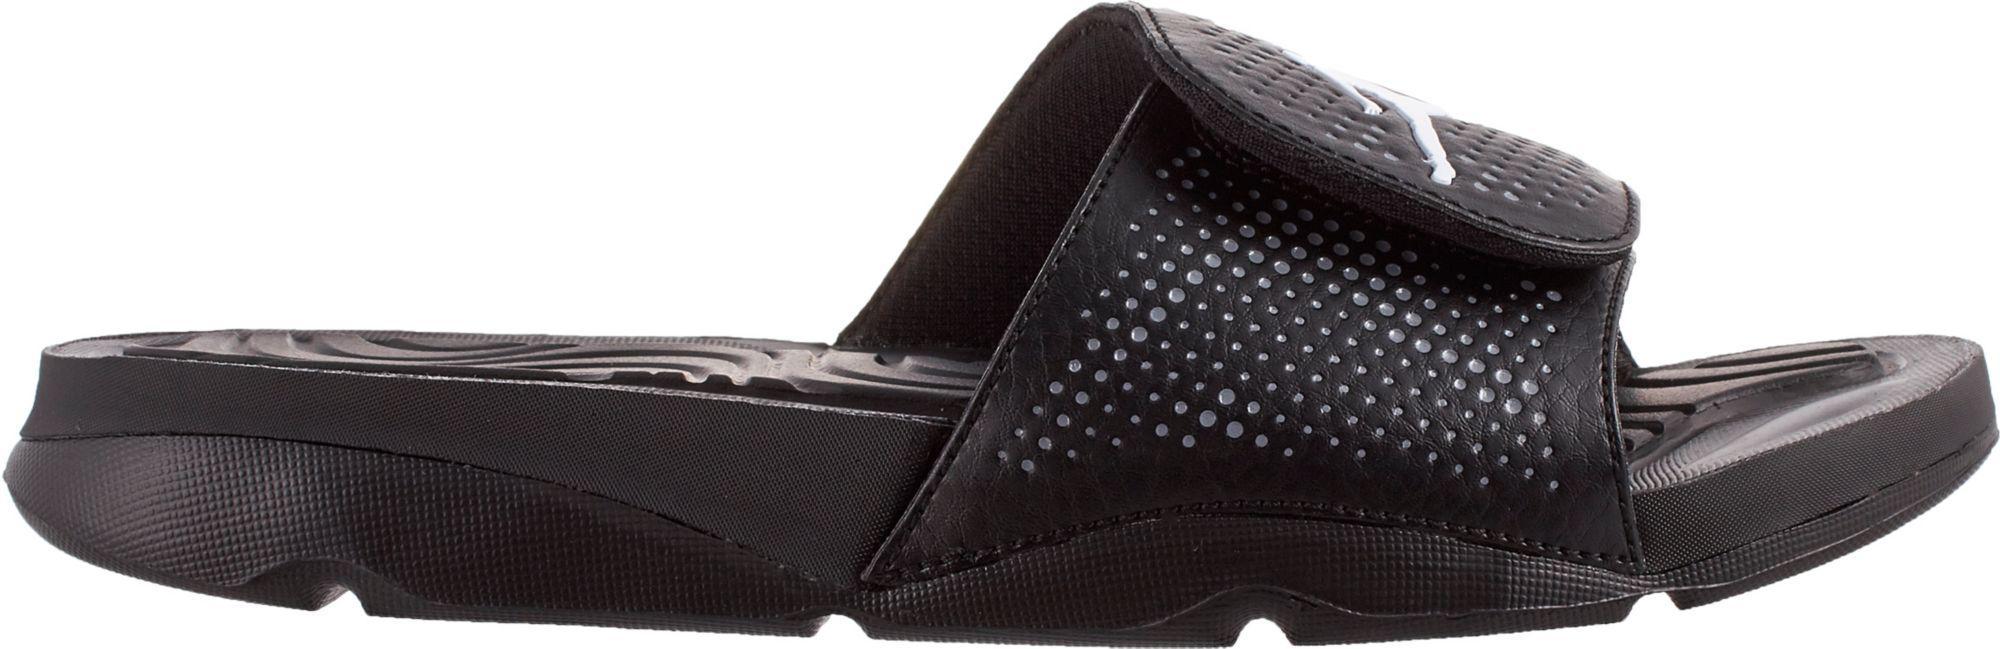 ae44d14cd54ed Lyst - Nike Hydro 5 Slides in Black for Men